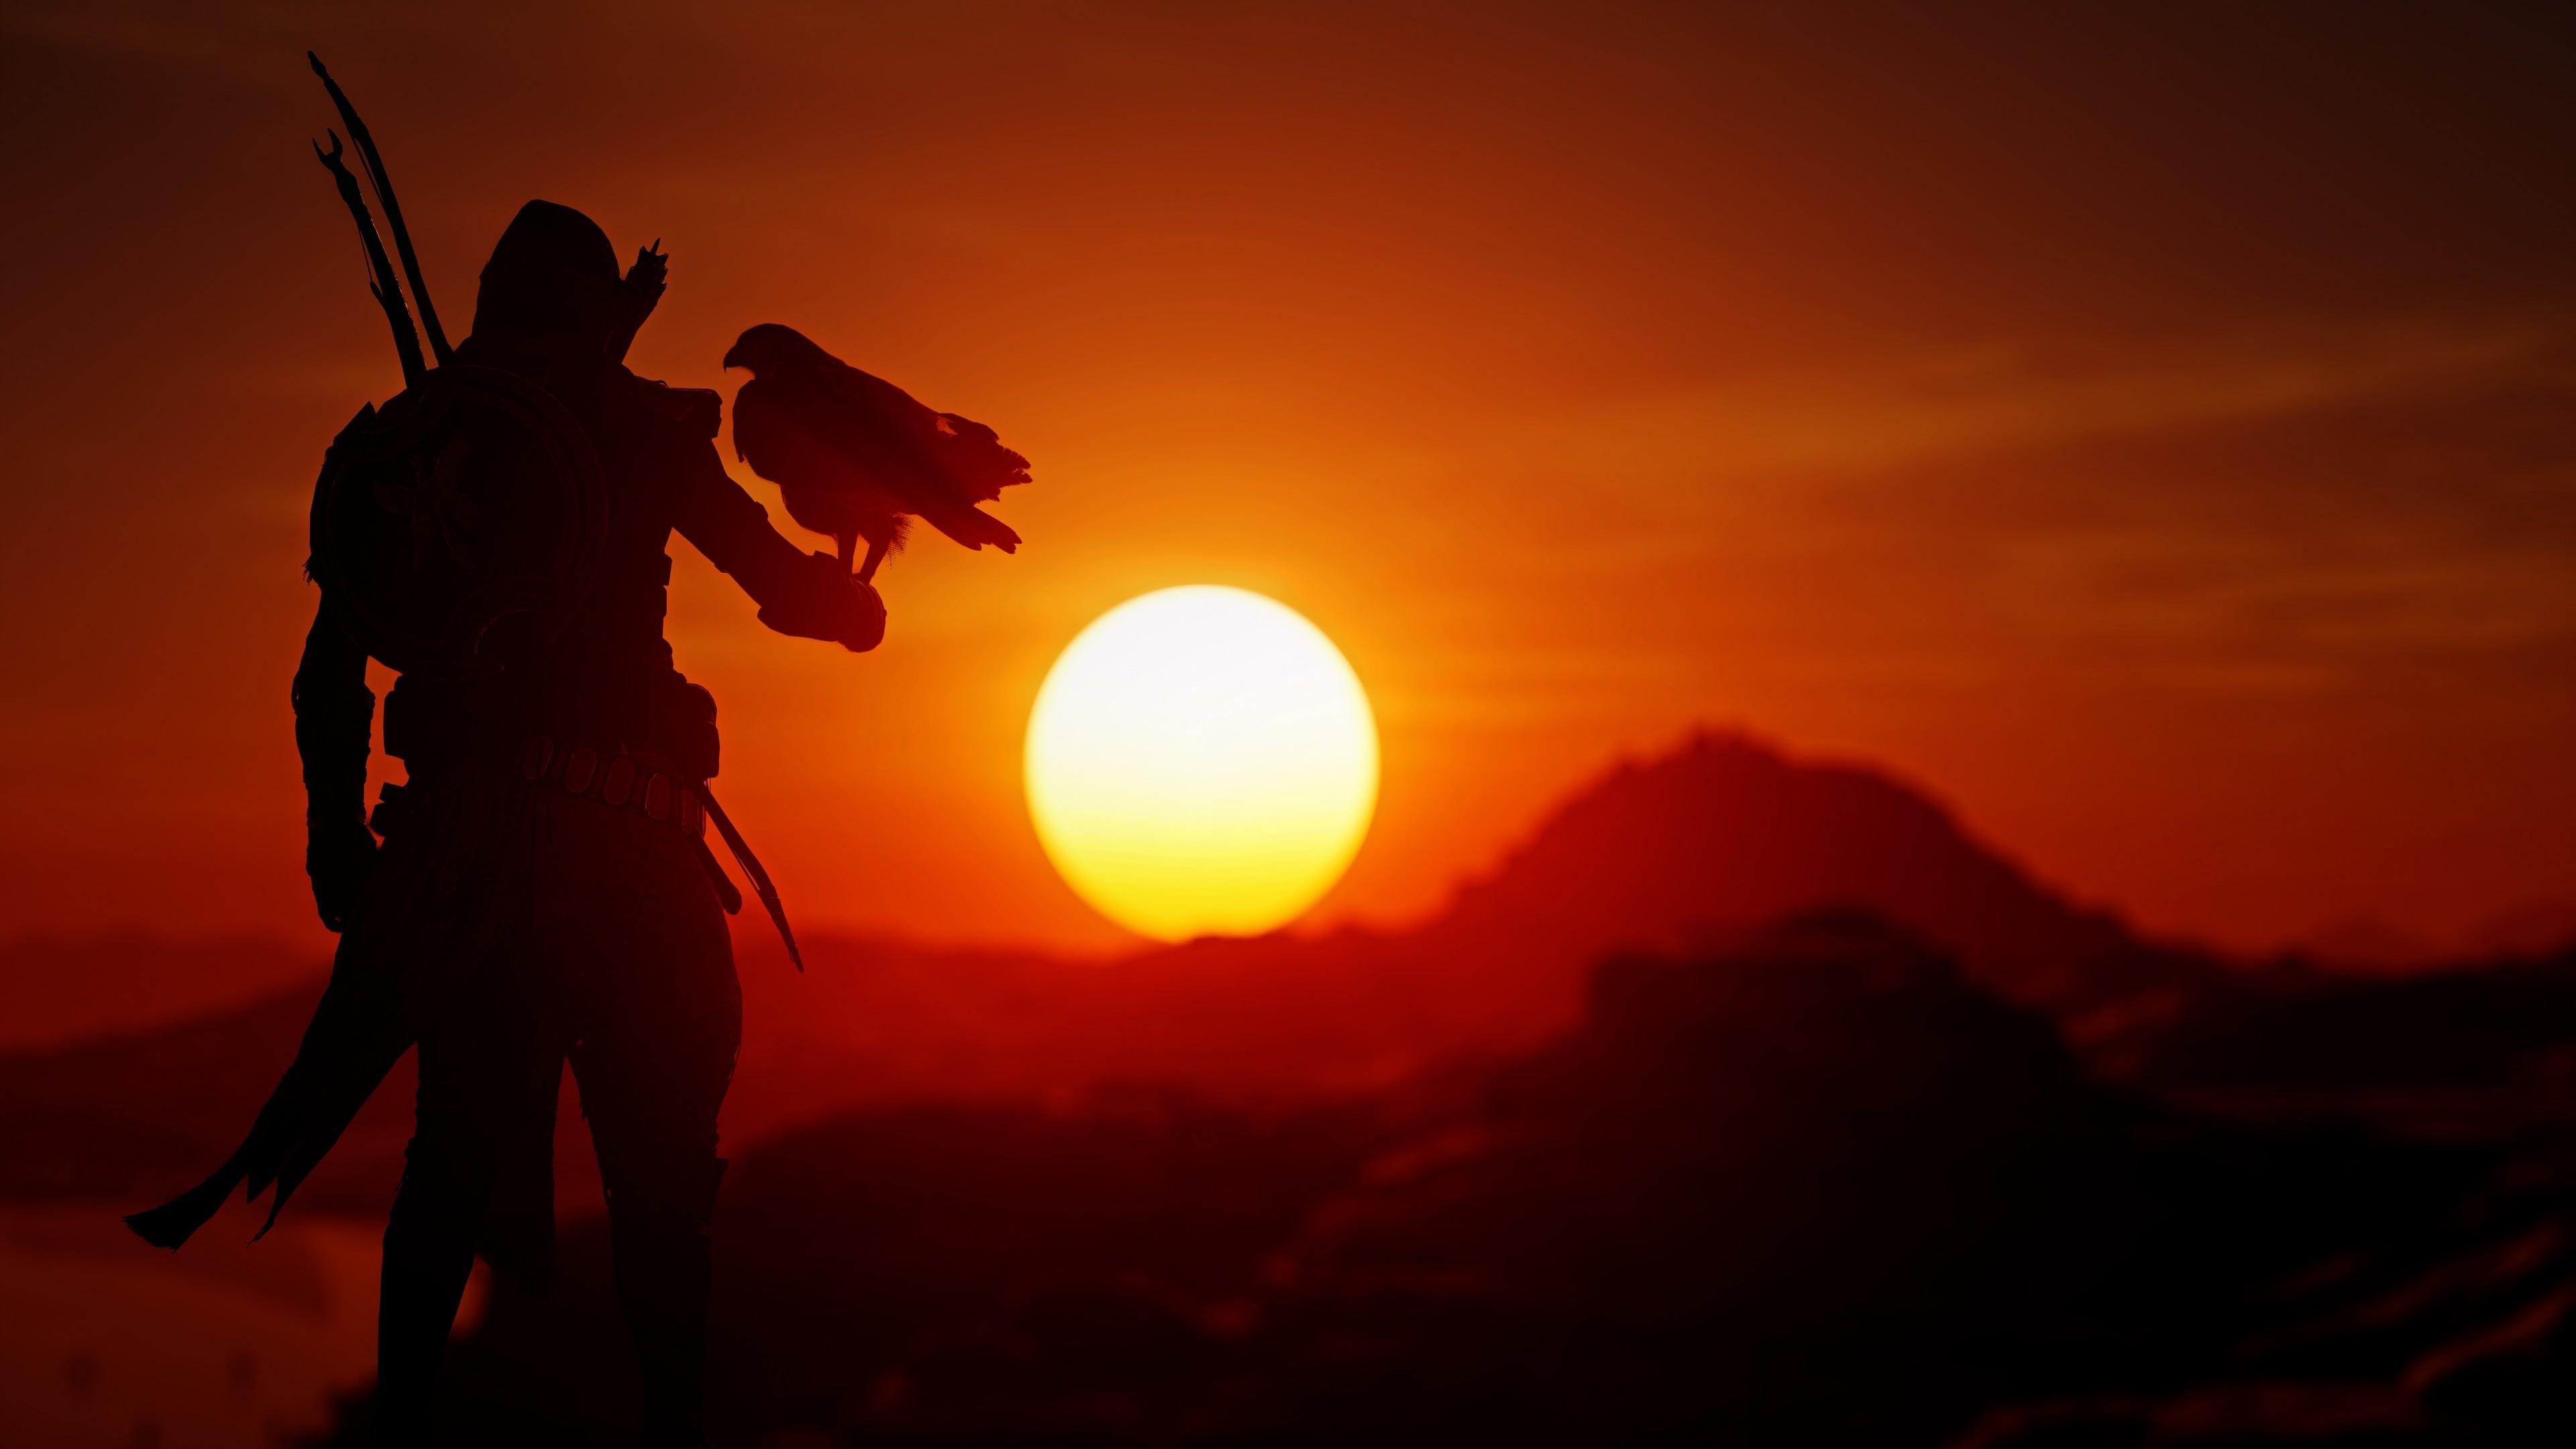 Воин с оружием и орлом на фоне красного заката лучей солнца